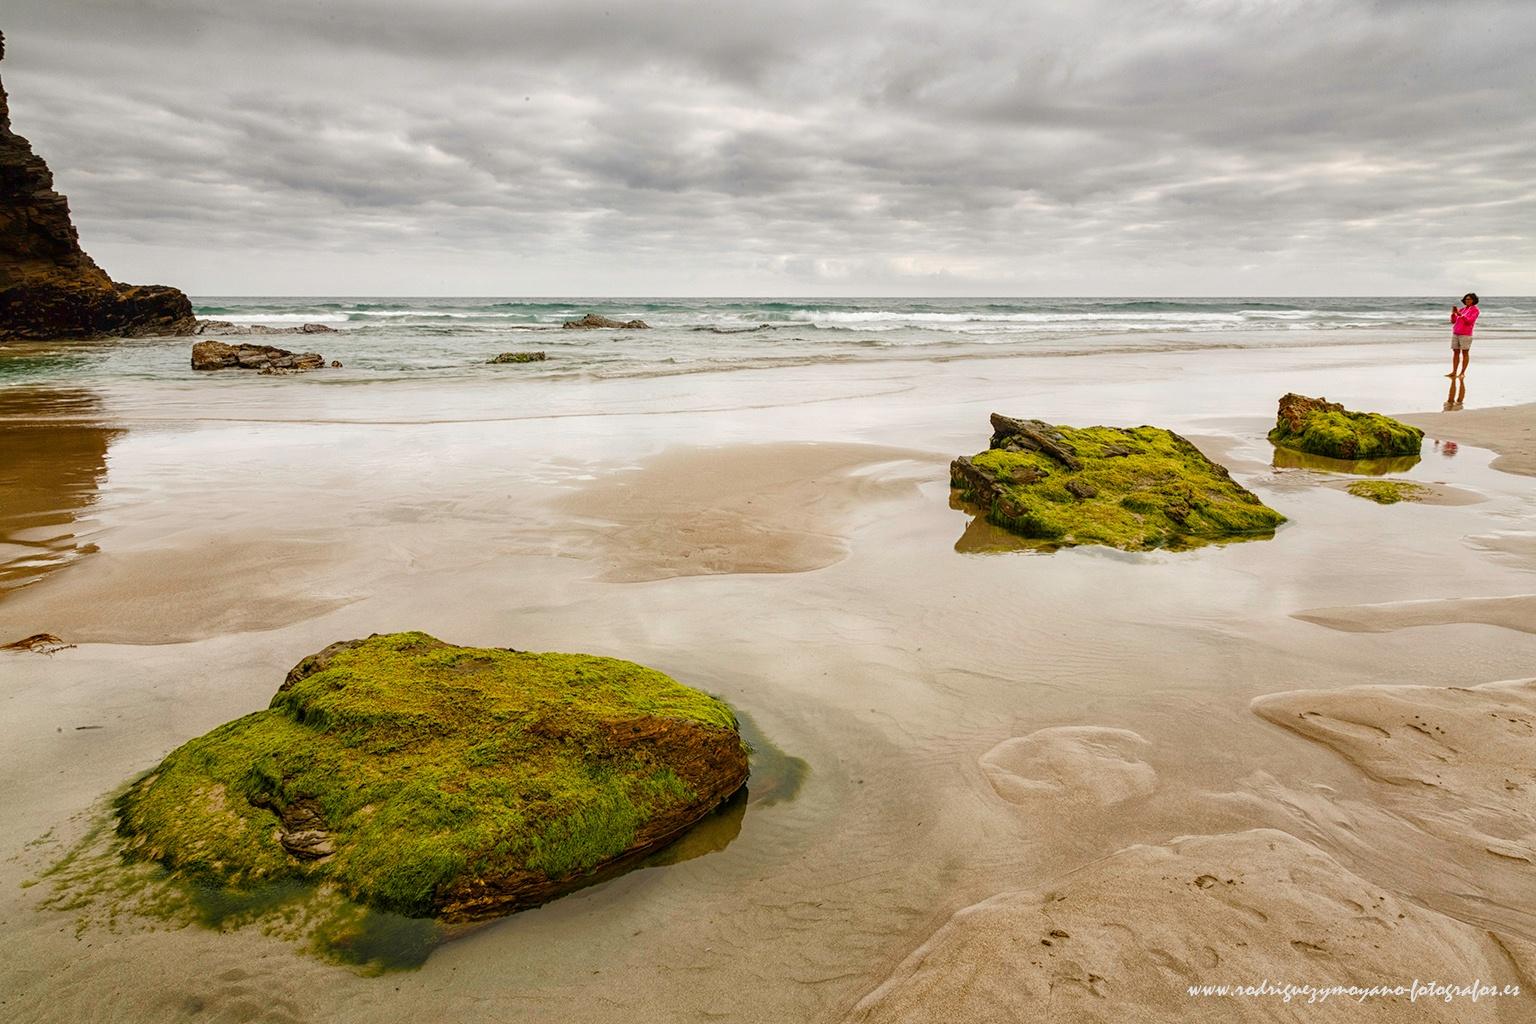 Playa de las Catedrales - Ribadeo by luisrguez